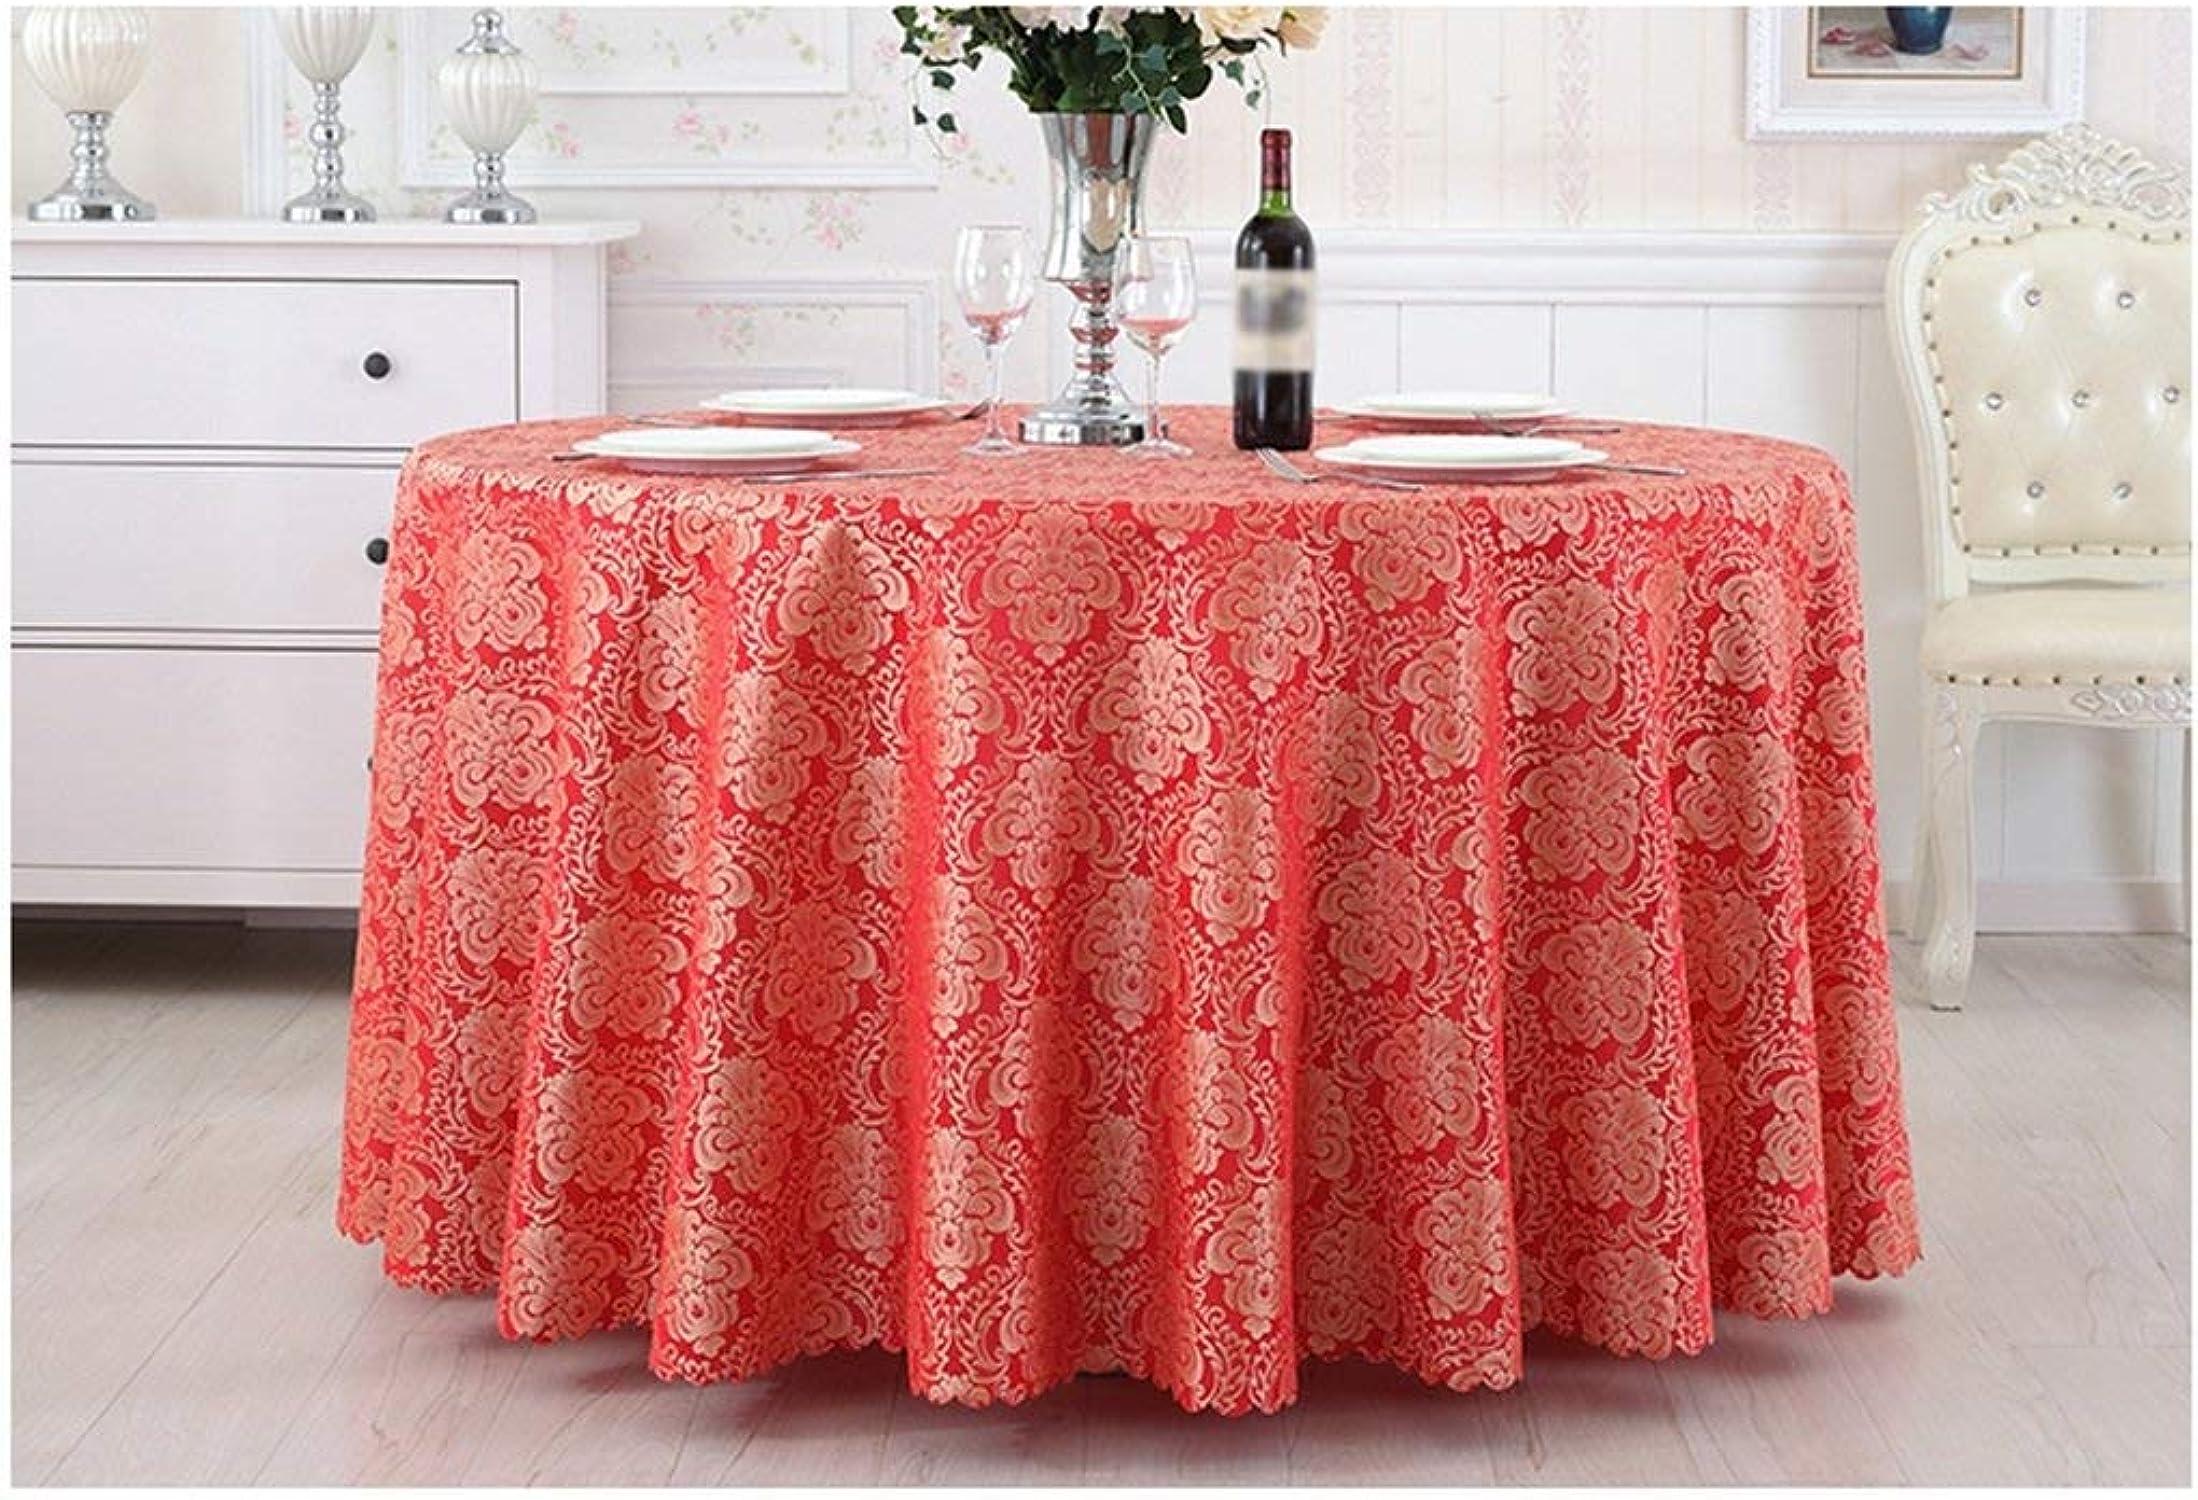 JZX Nappe de ménage, nappe de table basse, nappes, restaurant, style européen, nappe ronde de table à hommeger, nappe de style européen peut être personnalisé Taille optionnelle,140  200cm